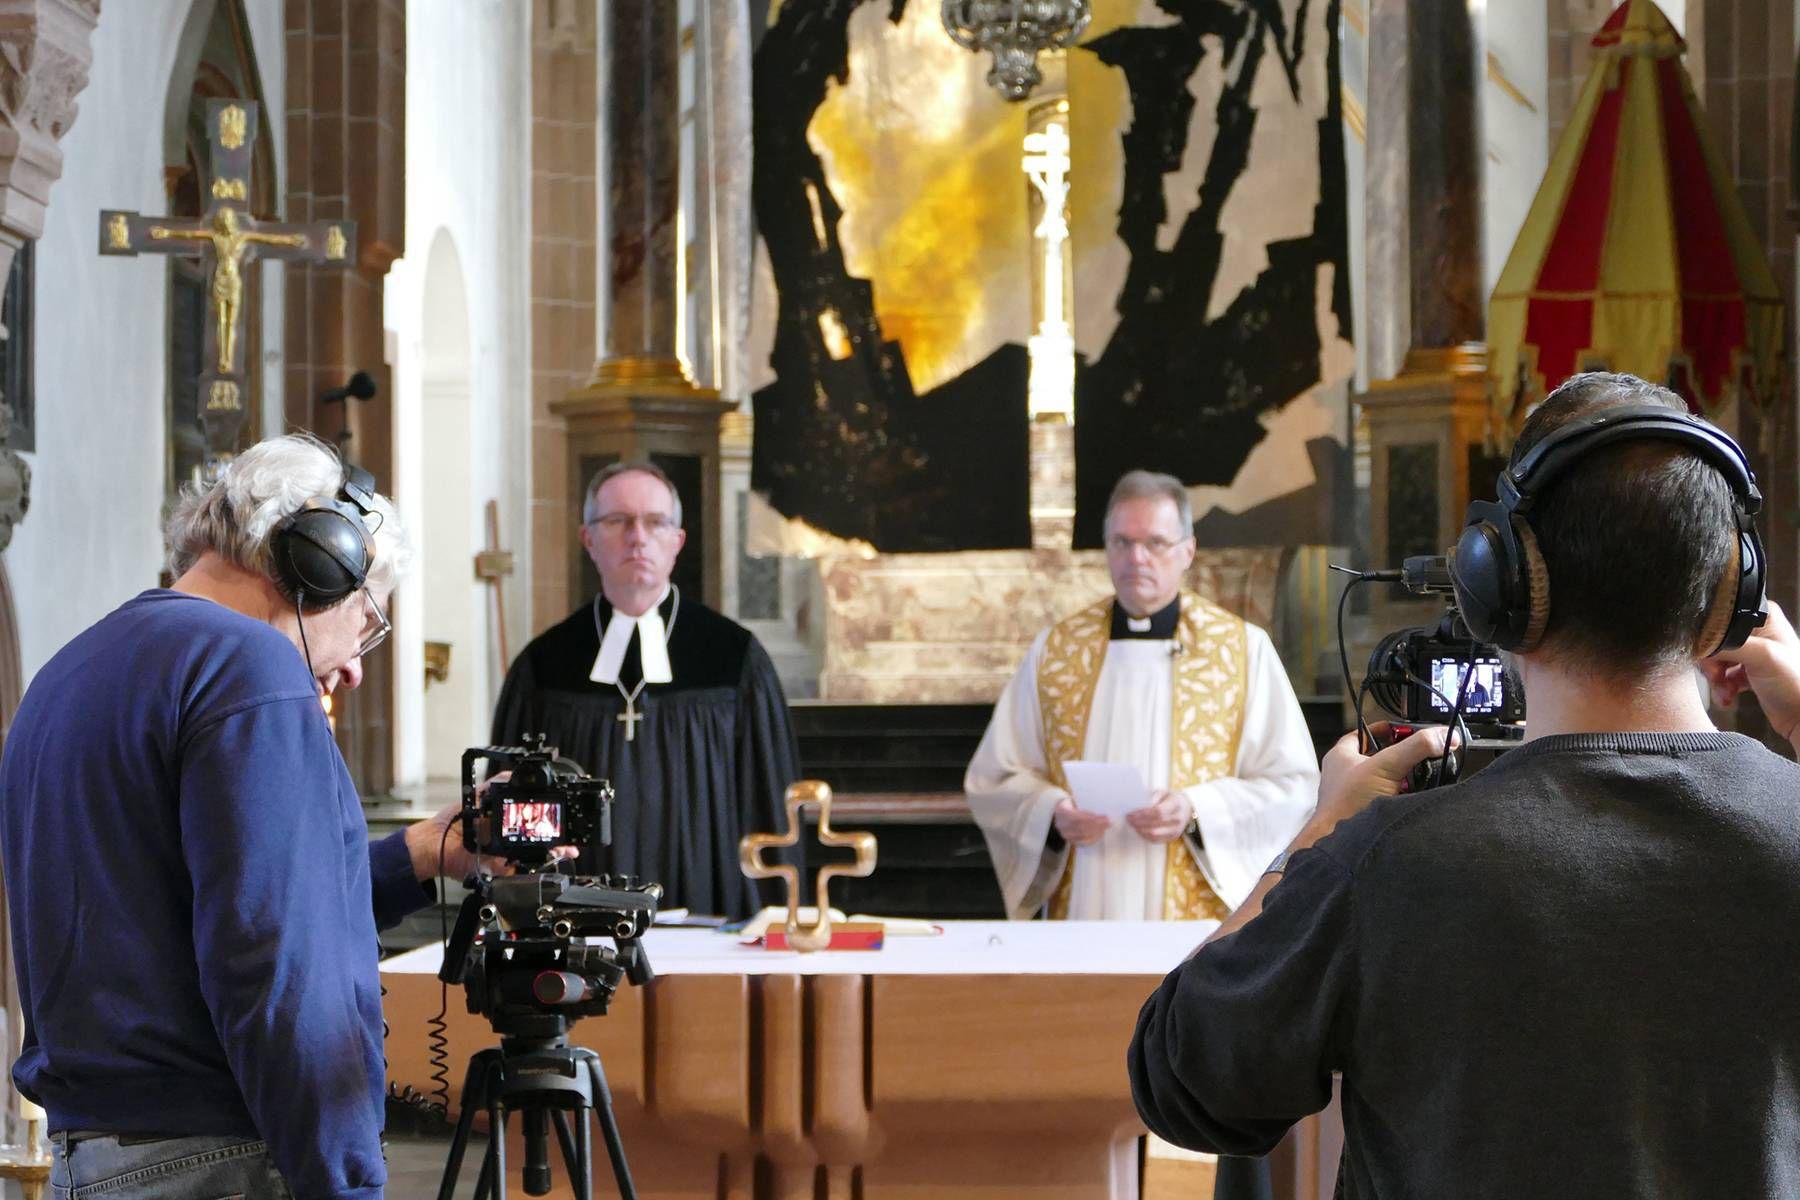 Der evangelische Dekan Rudi Rupp (links) und der katholische Pfarrer Martin Heim bei der Aufzeichnung eines ökumenischen Ostersegens in der Aschaffenburger Stiftsbasilika.